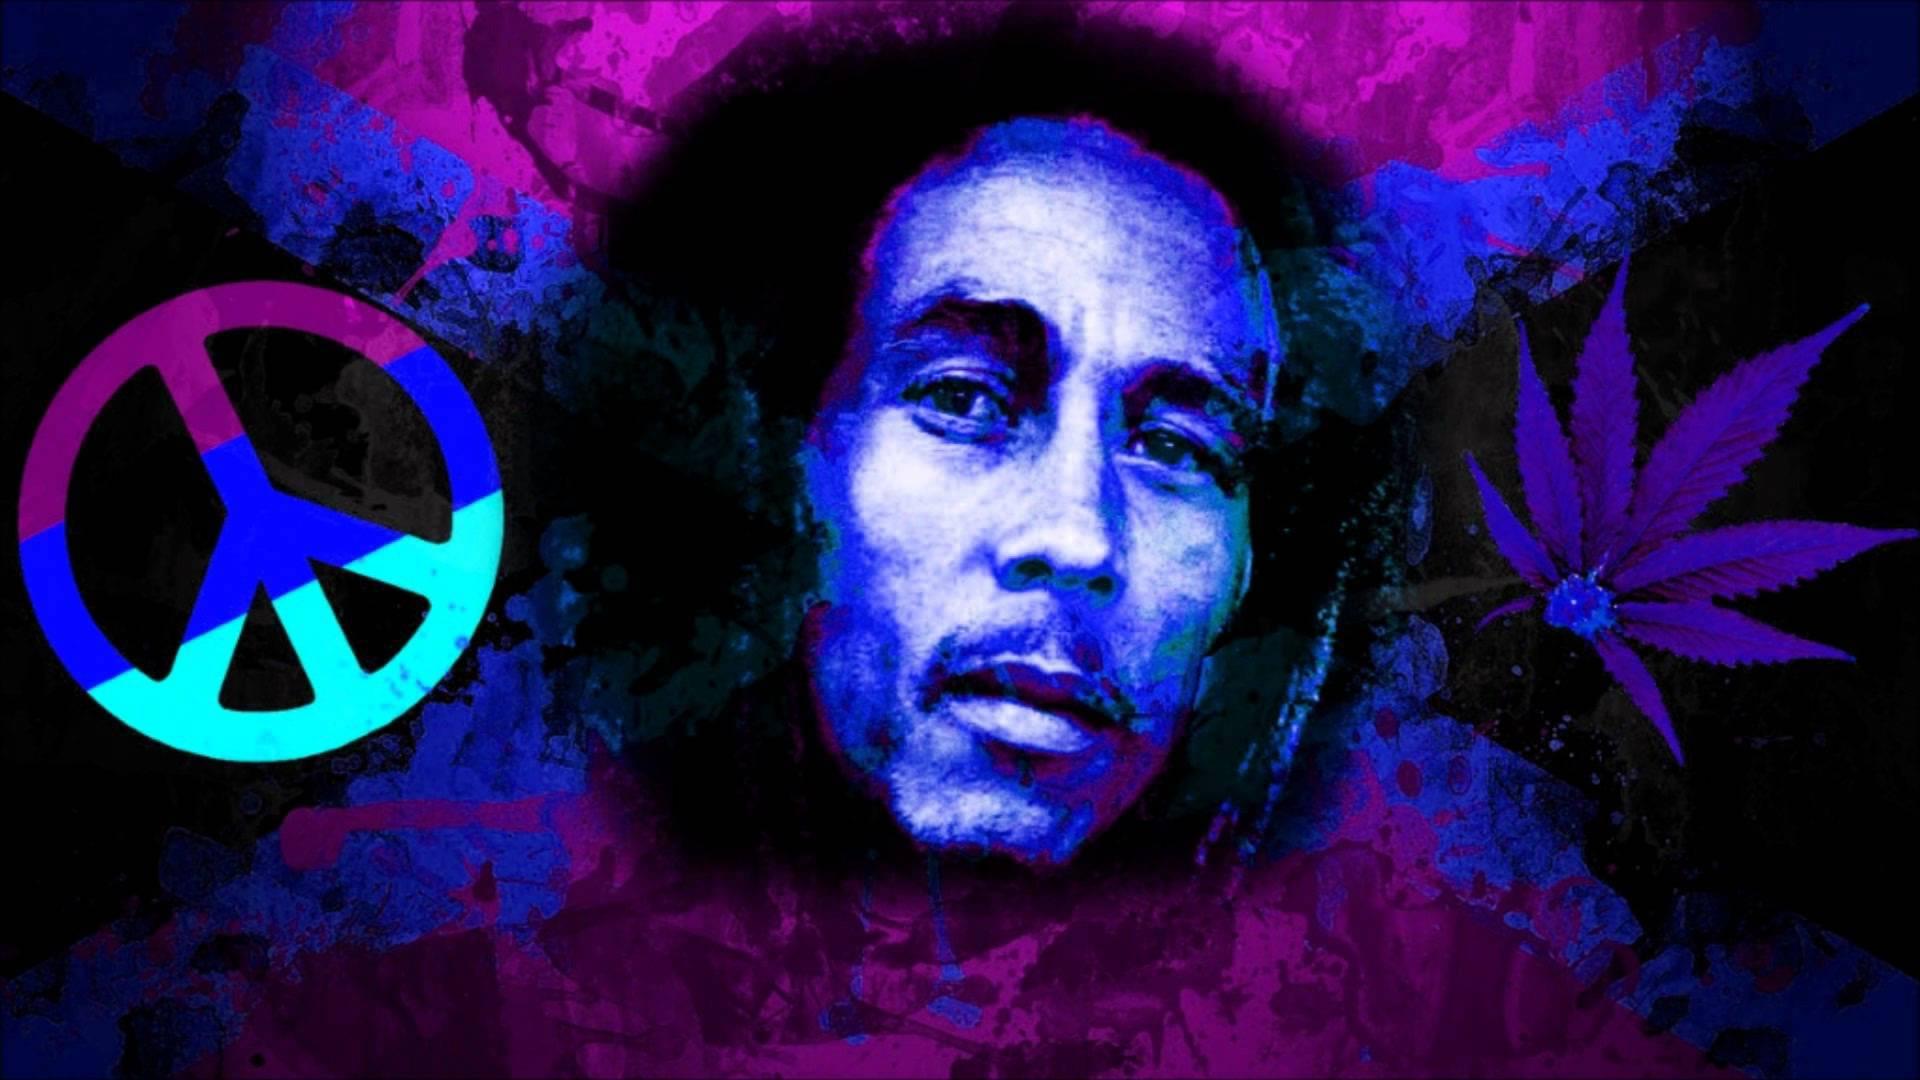 Wallpaper Bob Marley - AHDzBooK WP E-Journal